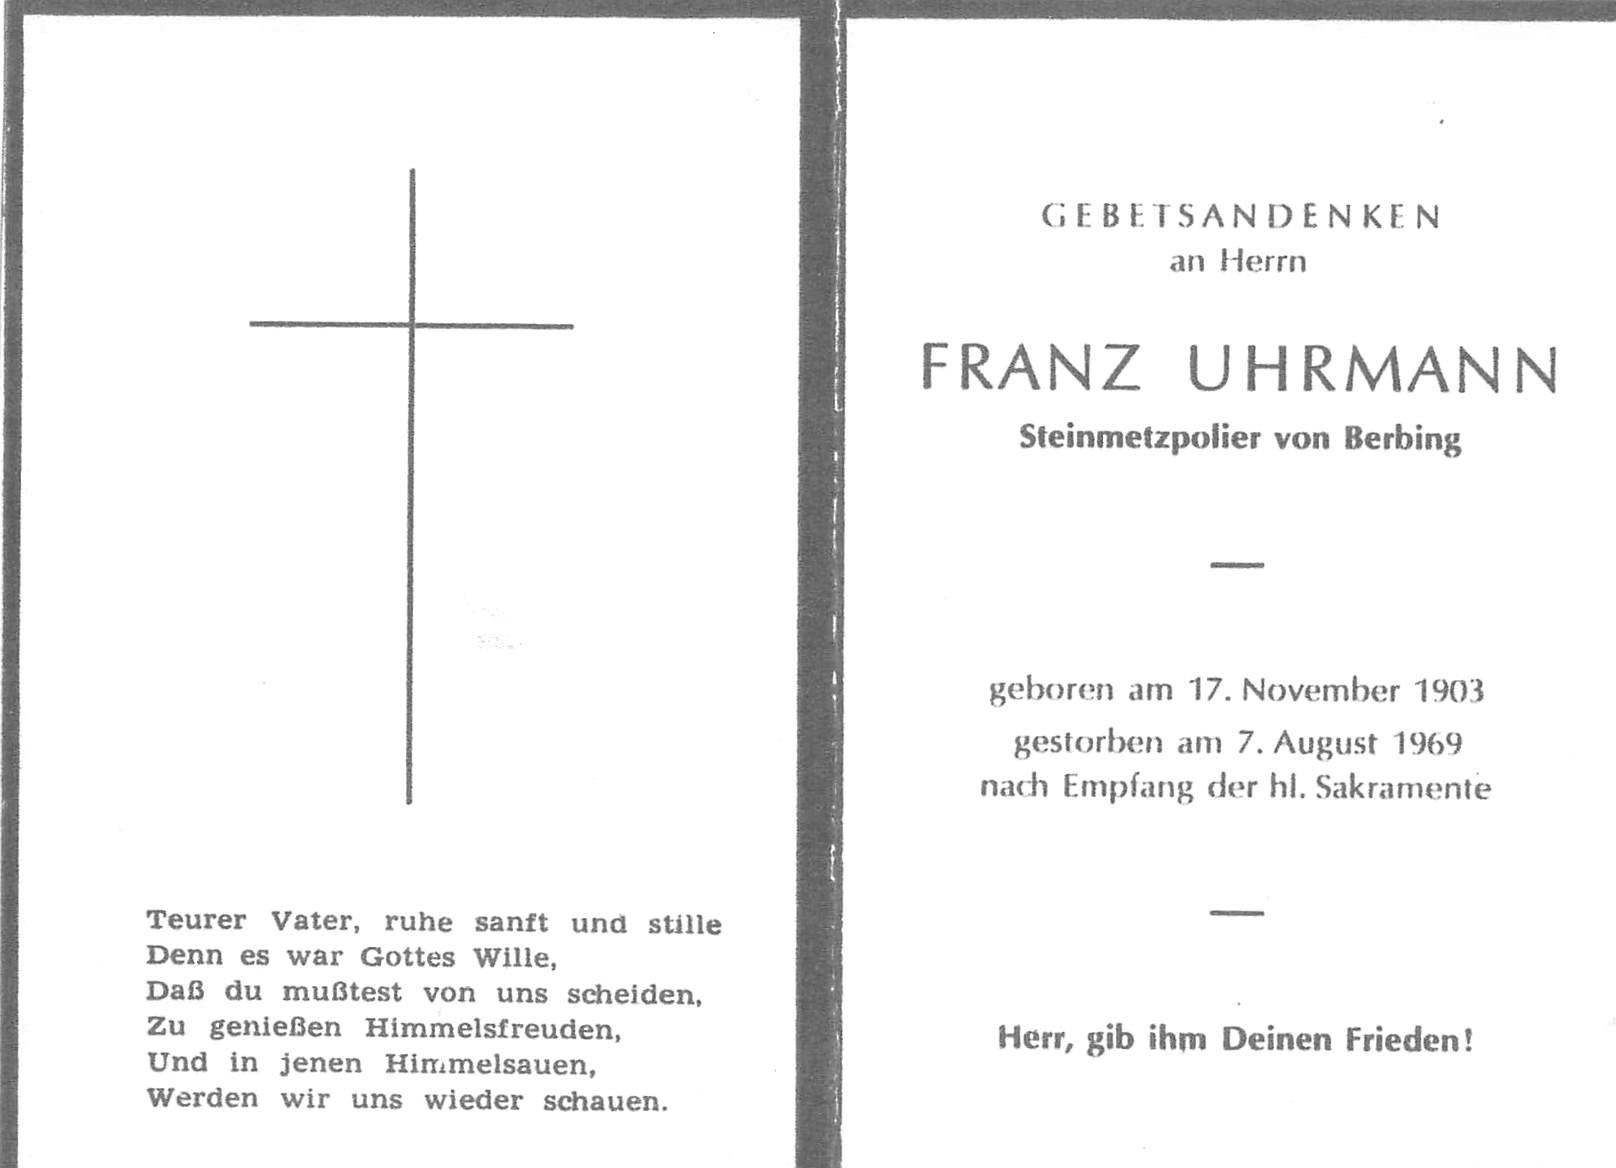 1969-08-07-Uhrmann-Franz-Berbing-Steinmetzpolier